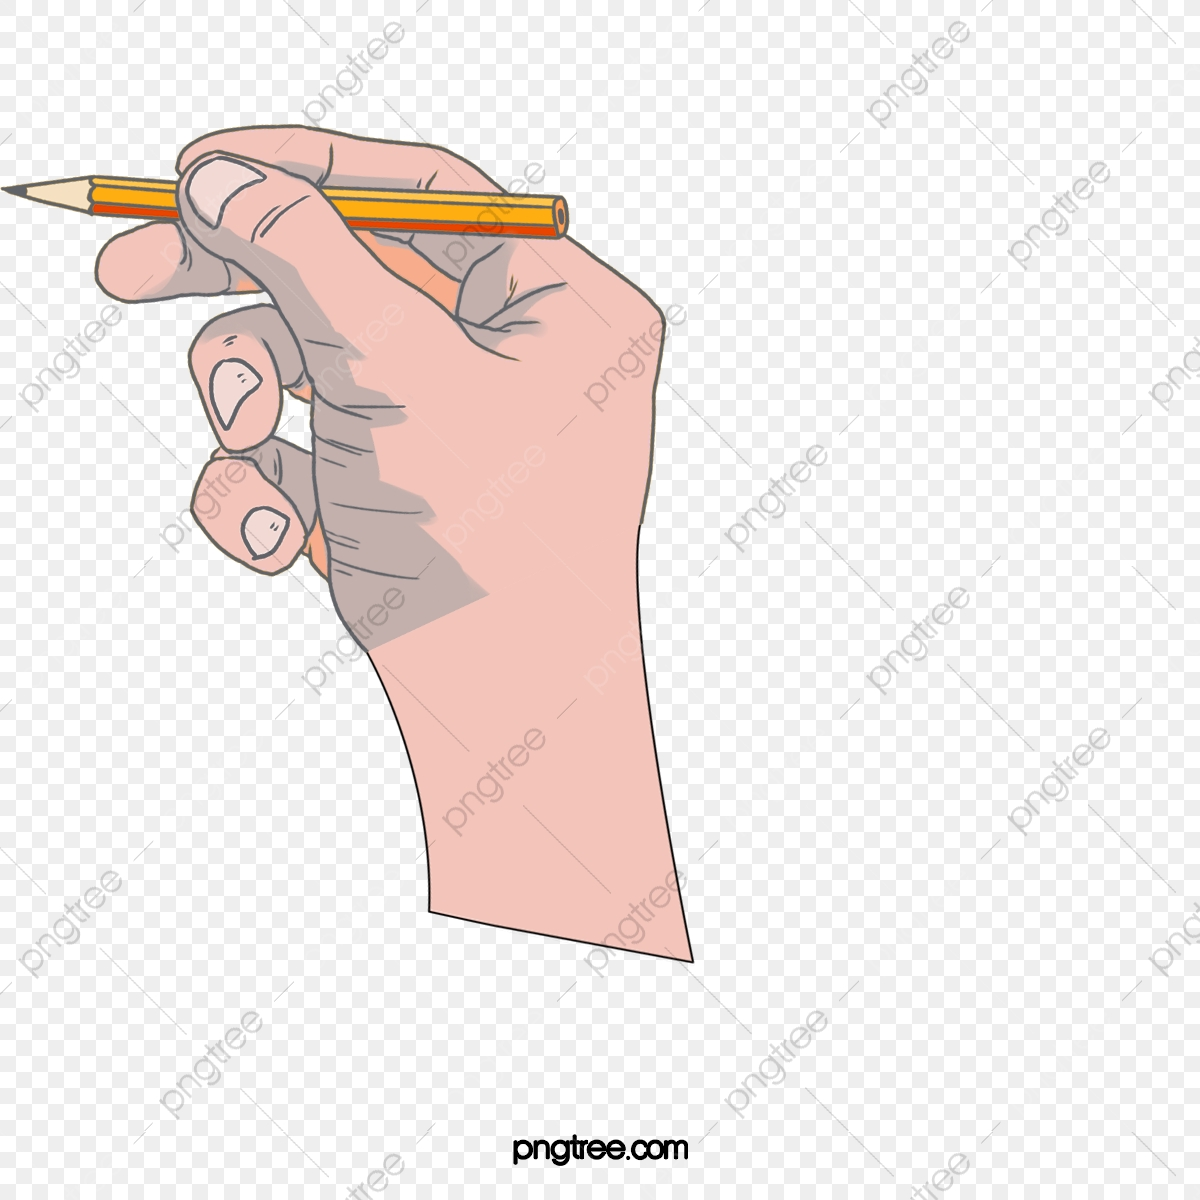 main de crayon main de crayon main crayon image png pour le t u00e9l u00e9chargement libre